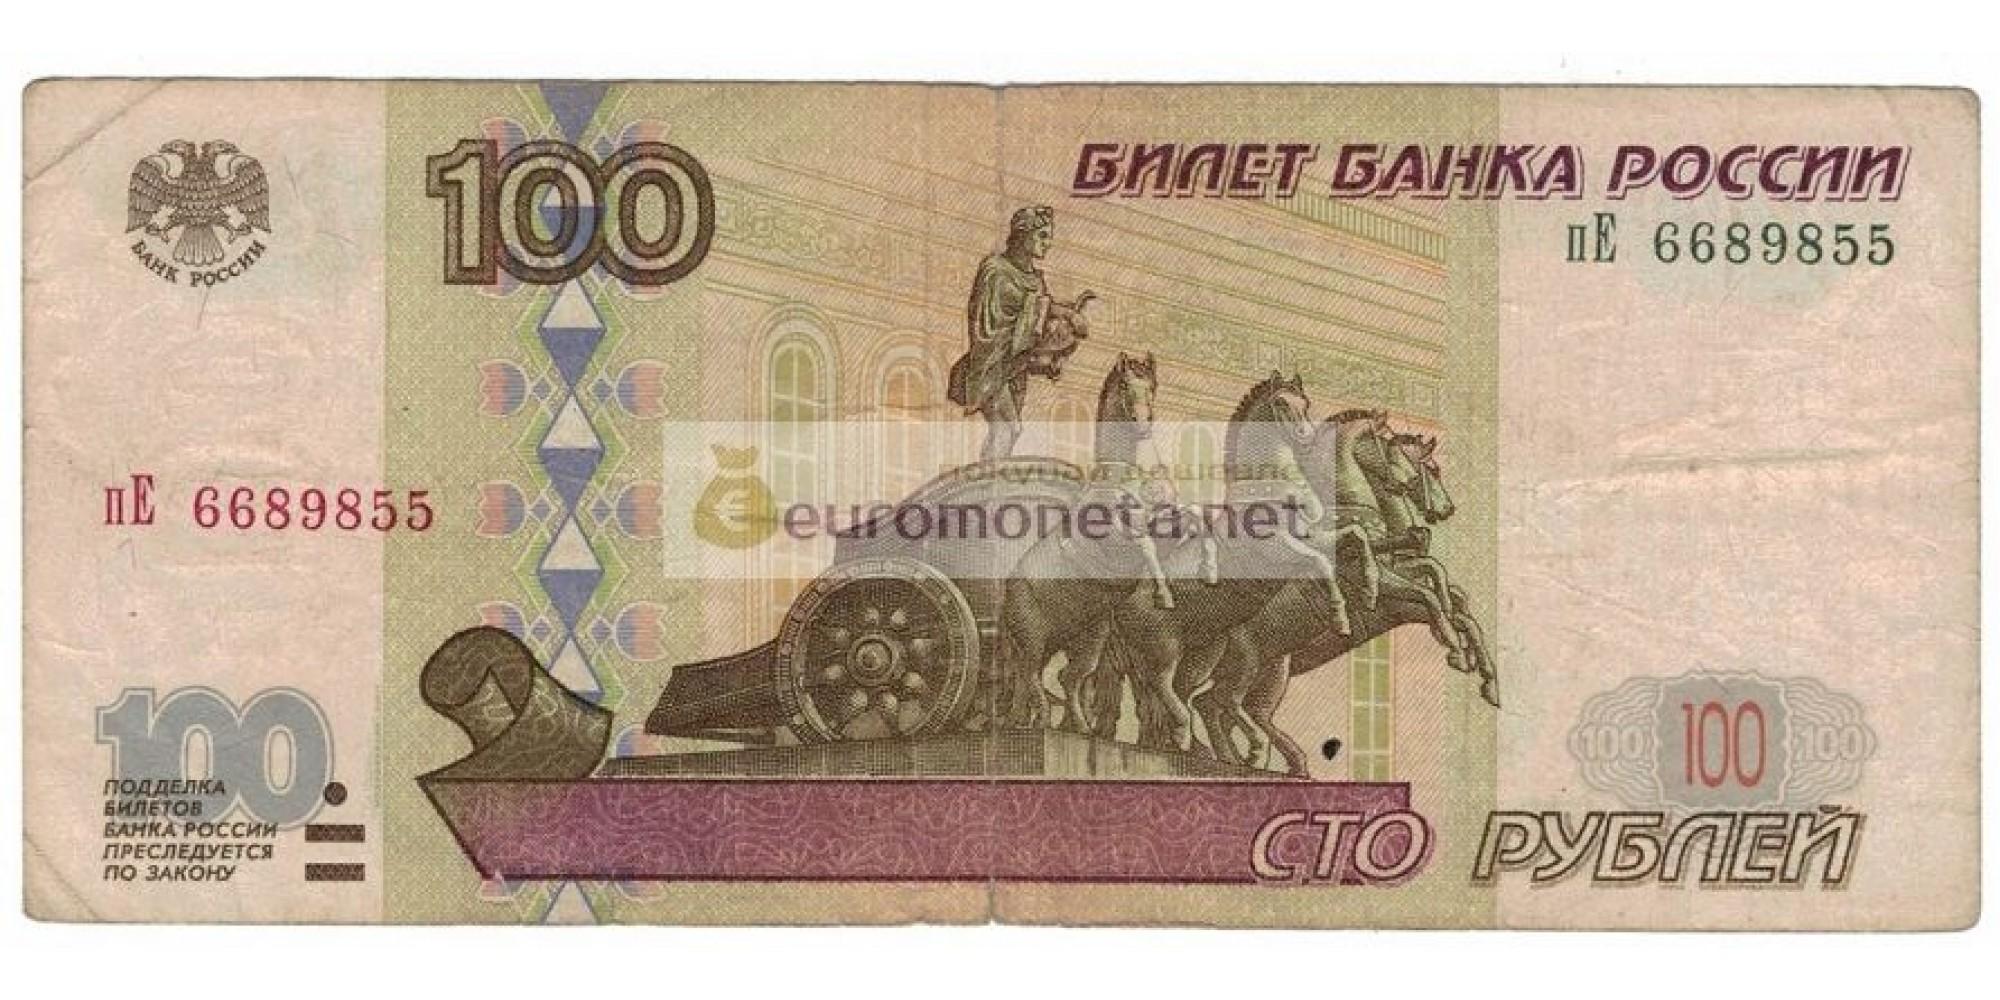 Россия 100 рублей 1997 год модификация 2001 год серия пЕ 6689855